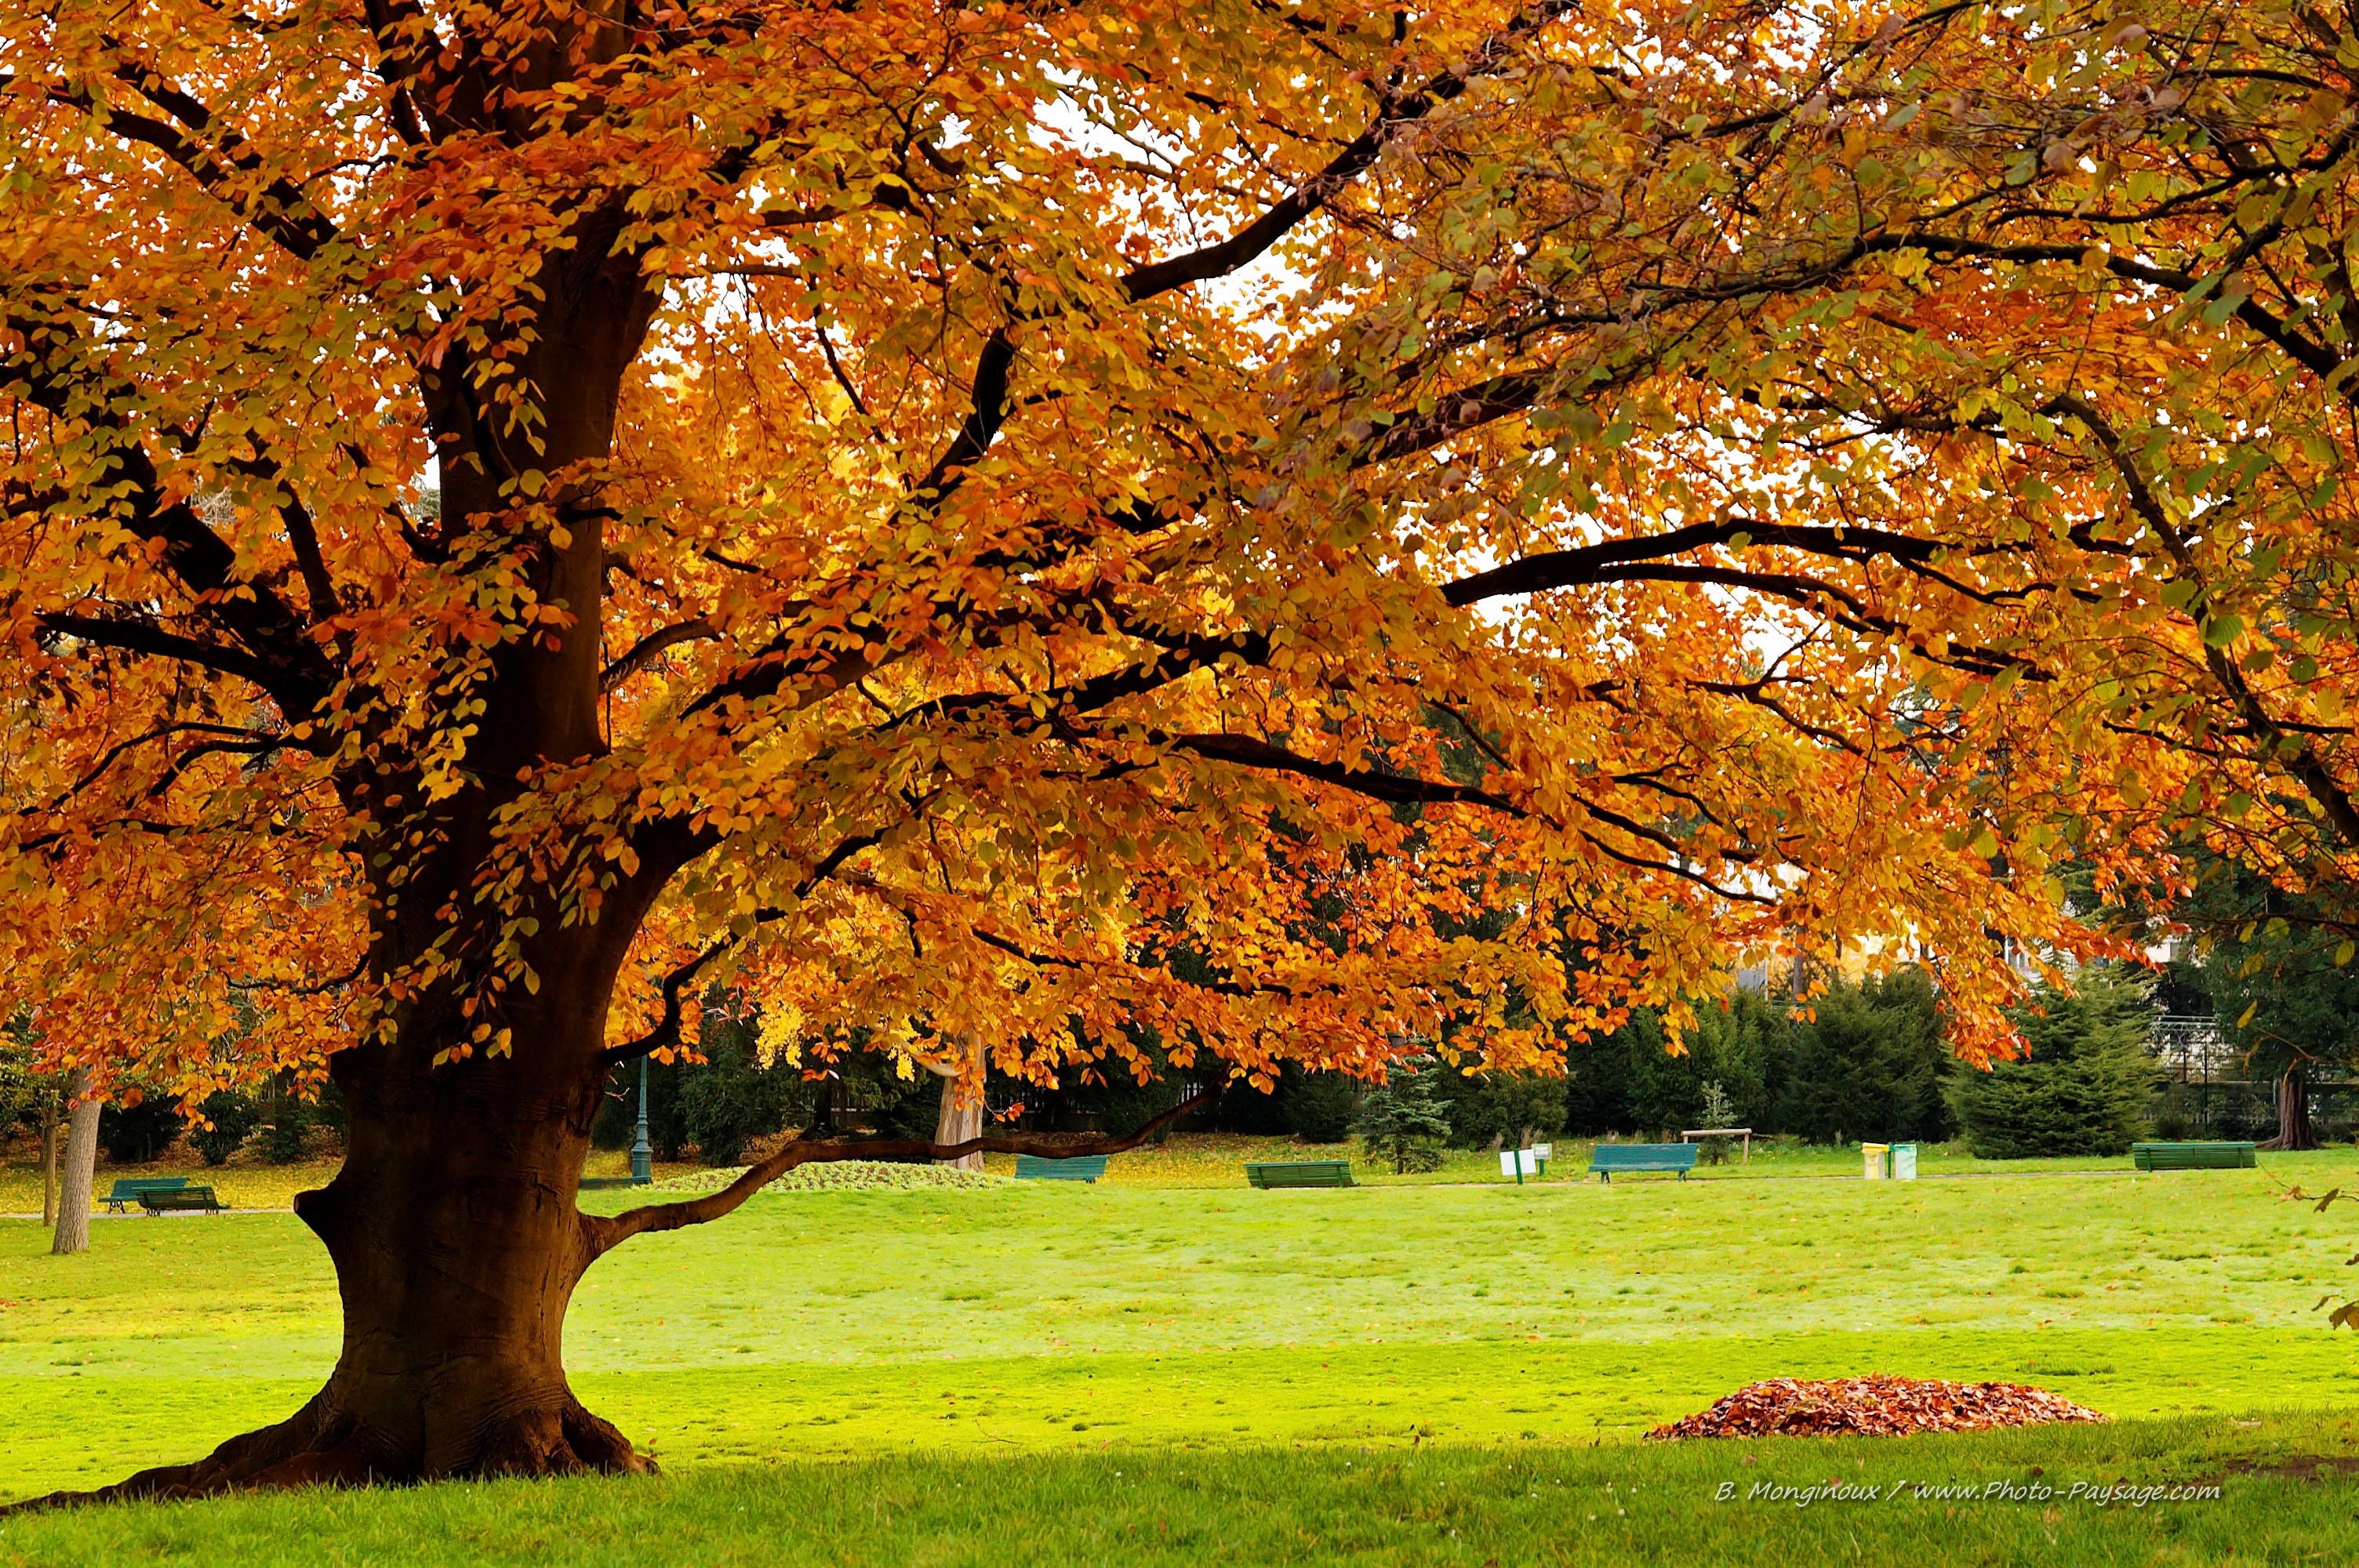 foto de Les plus belles photos de nature - Hêtre en automne - Photo ...